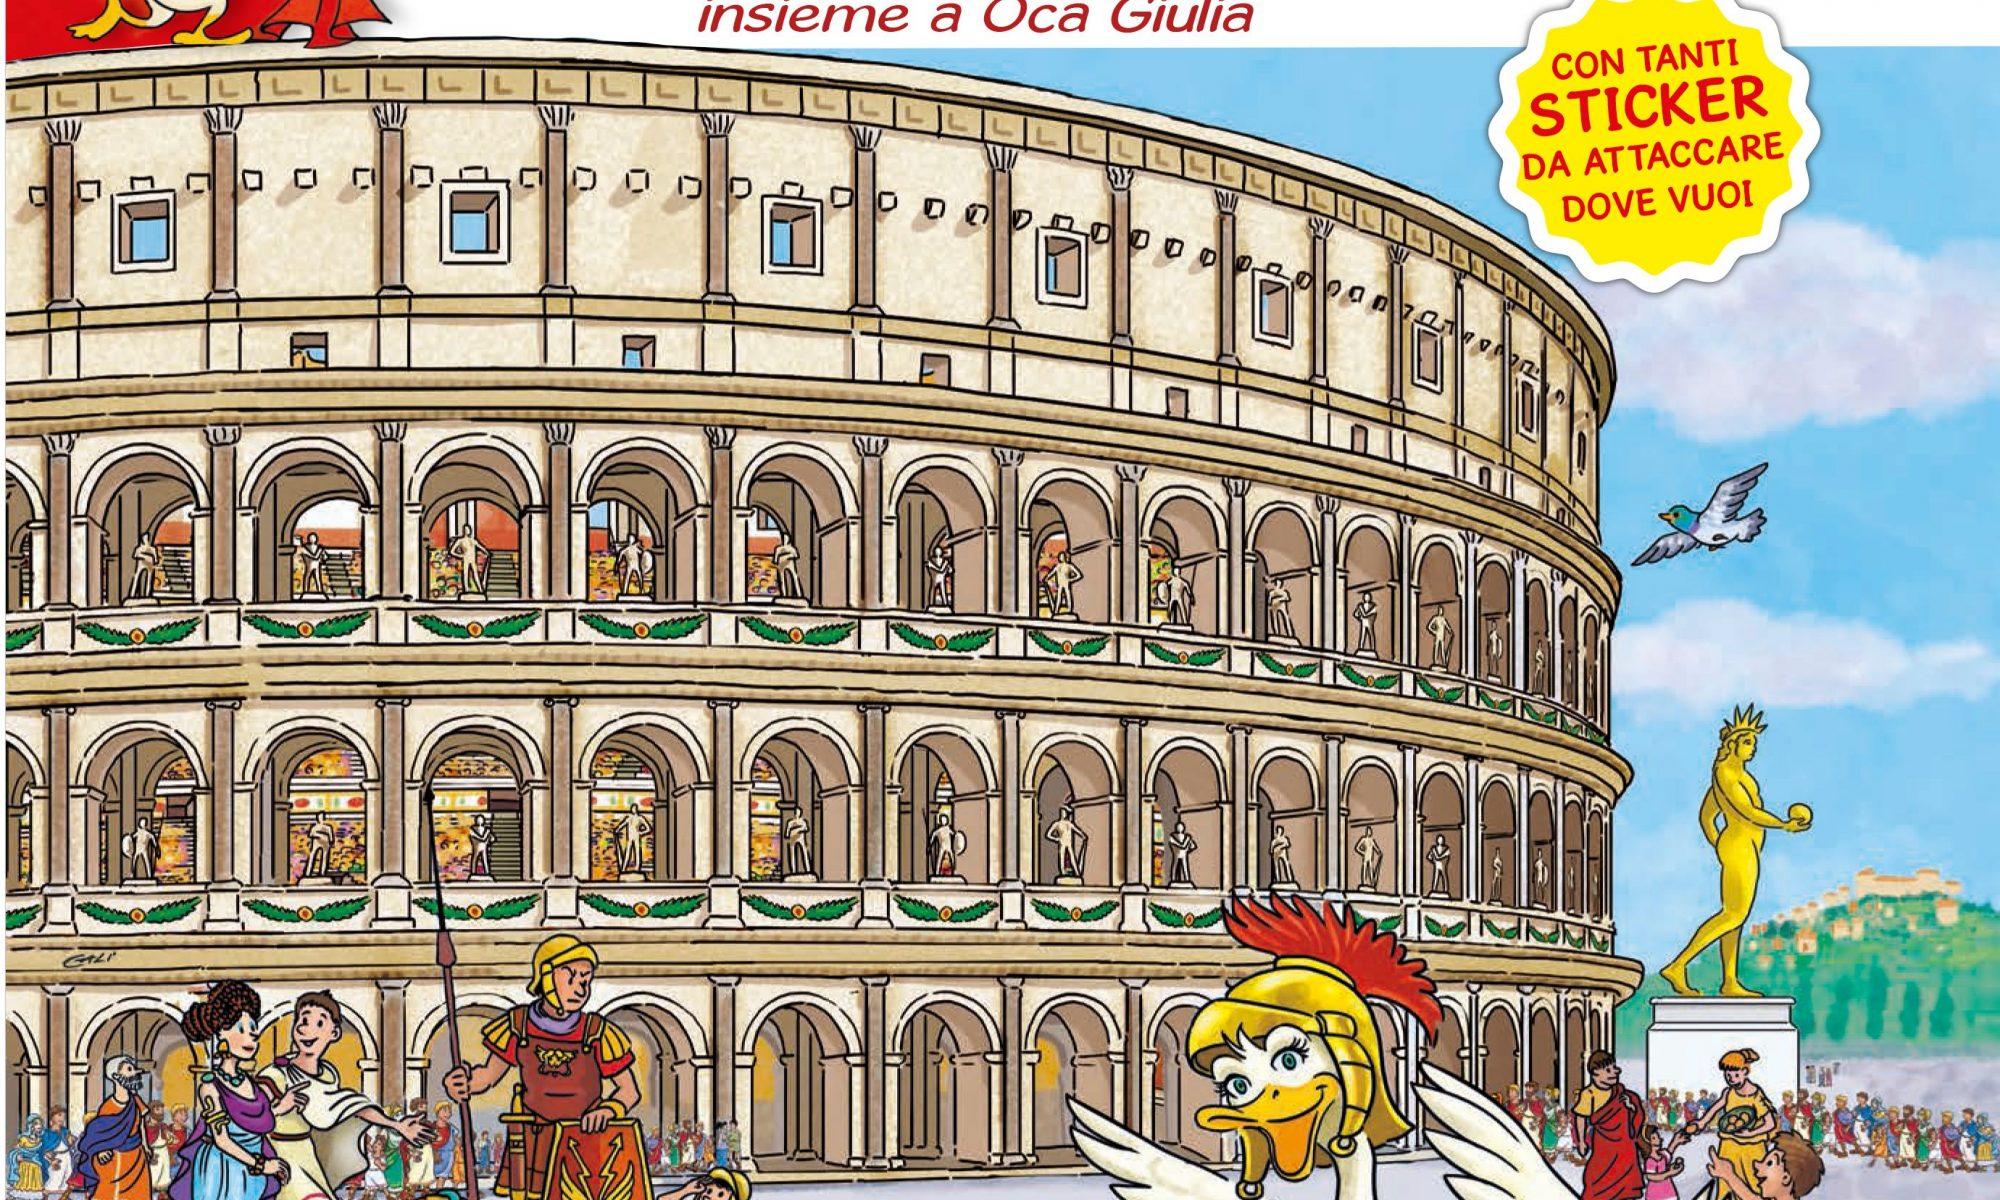 Scopriamo Roma Antica insieme a Oca Giulia